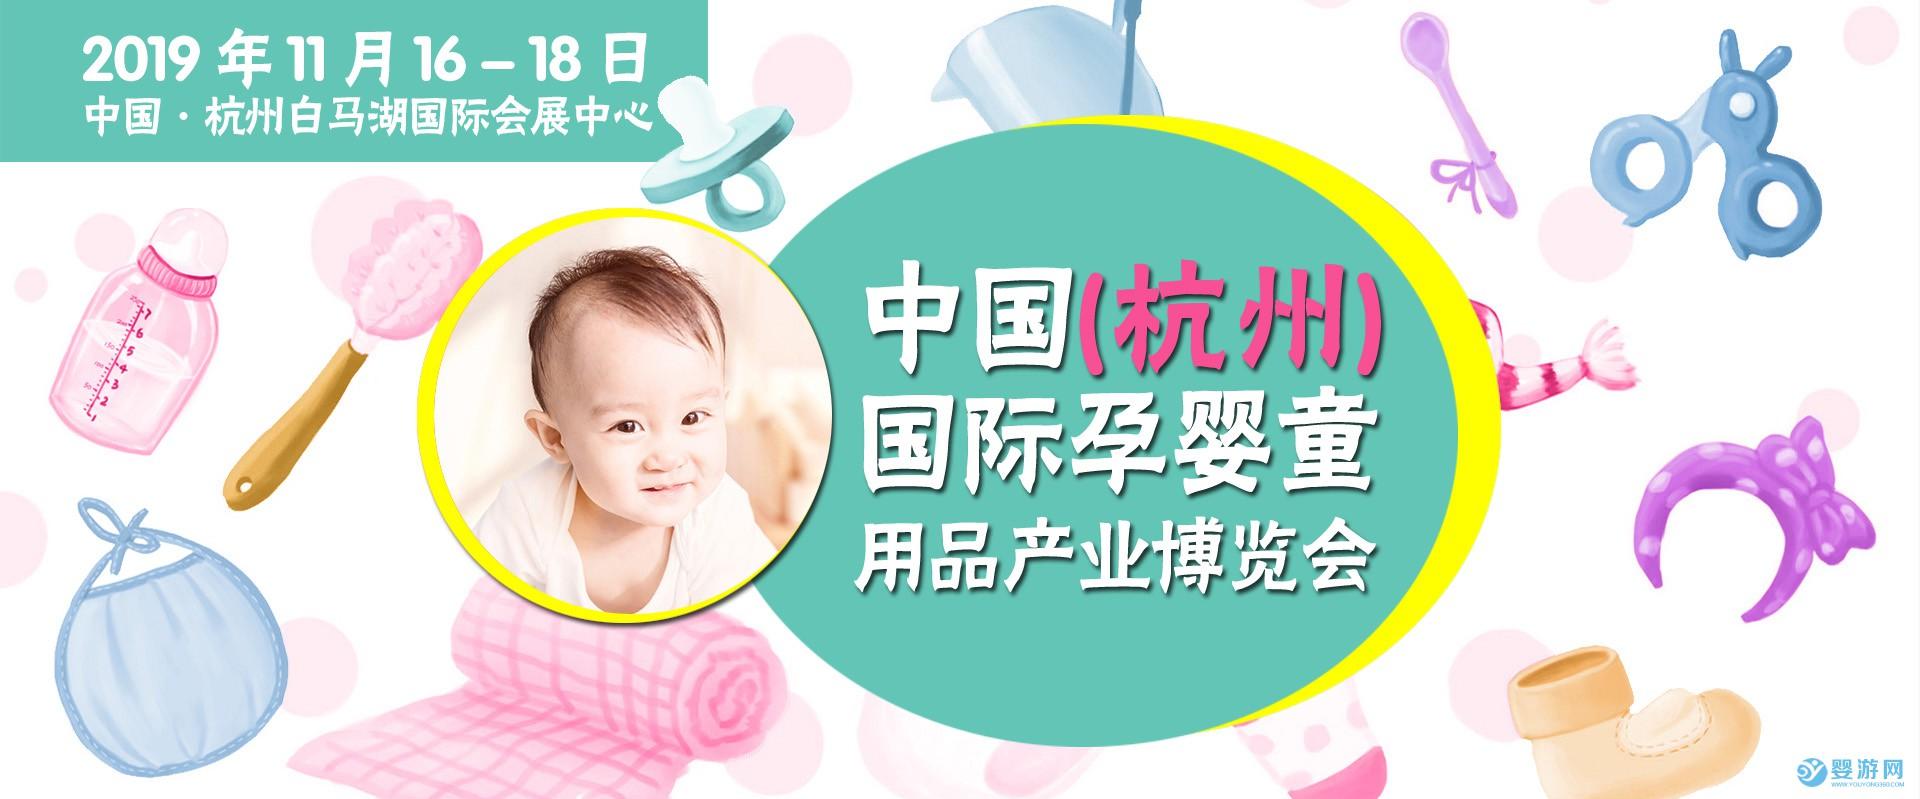 2019中国(杭州)国际婴儿游泳产业用品博览会